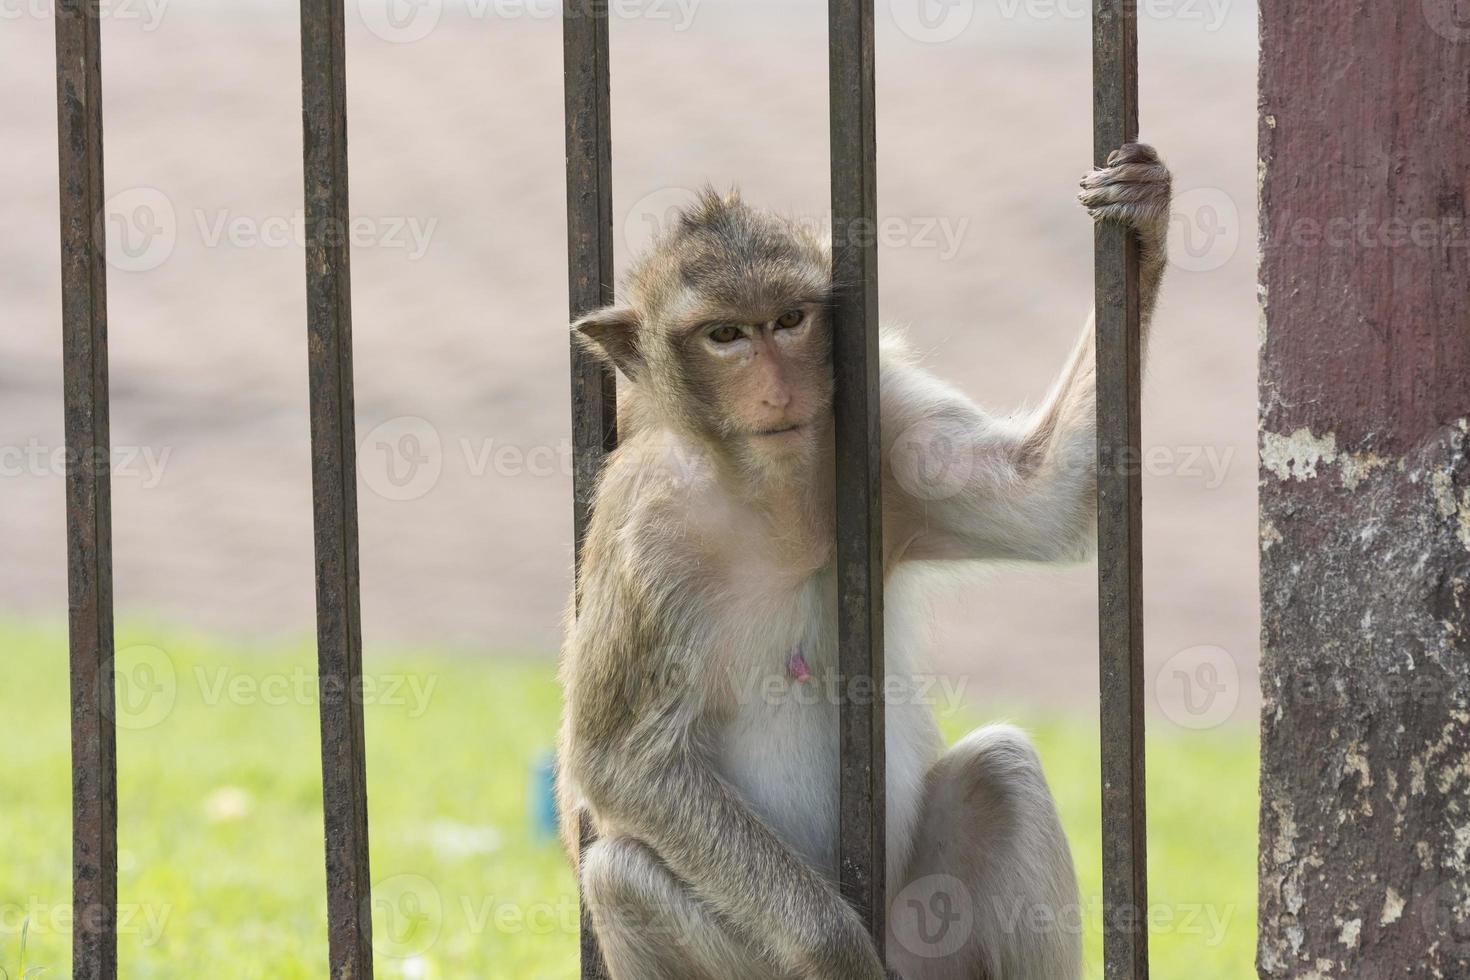 Mono vive junto con humanos en la ciudad de Lopburi, Tailandia foto